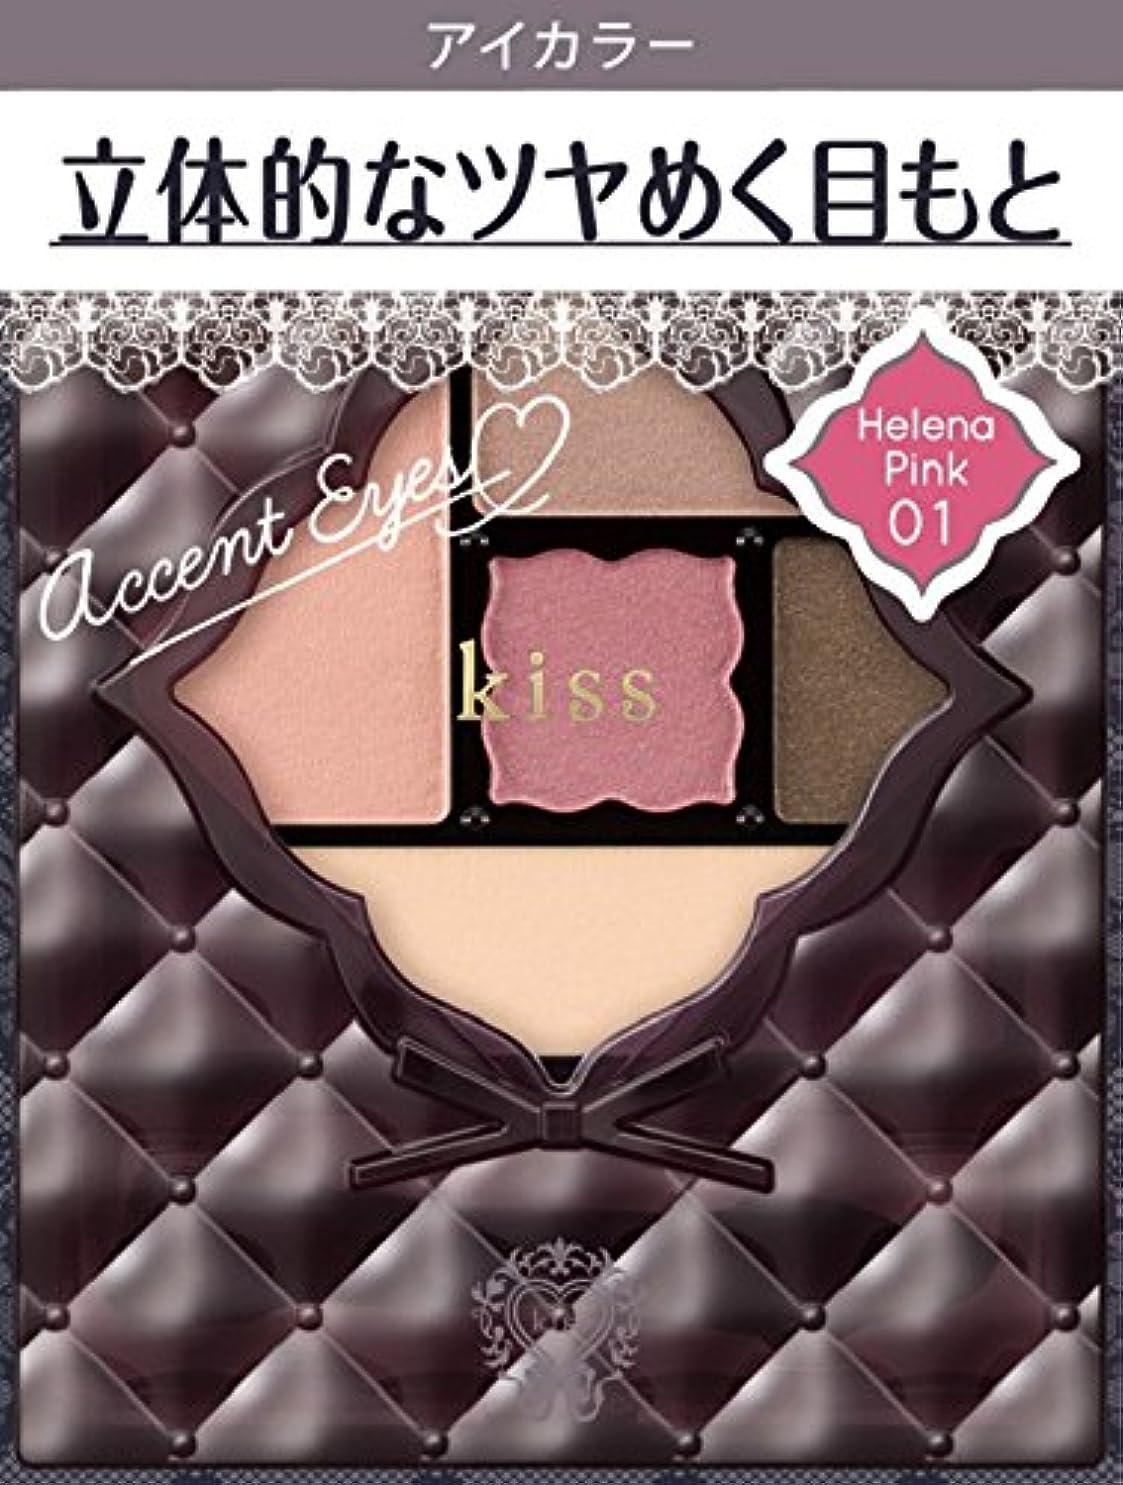 深さロッド偶然キス アクセントアイズ01 ヘレネーピンク 3.5g